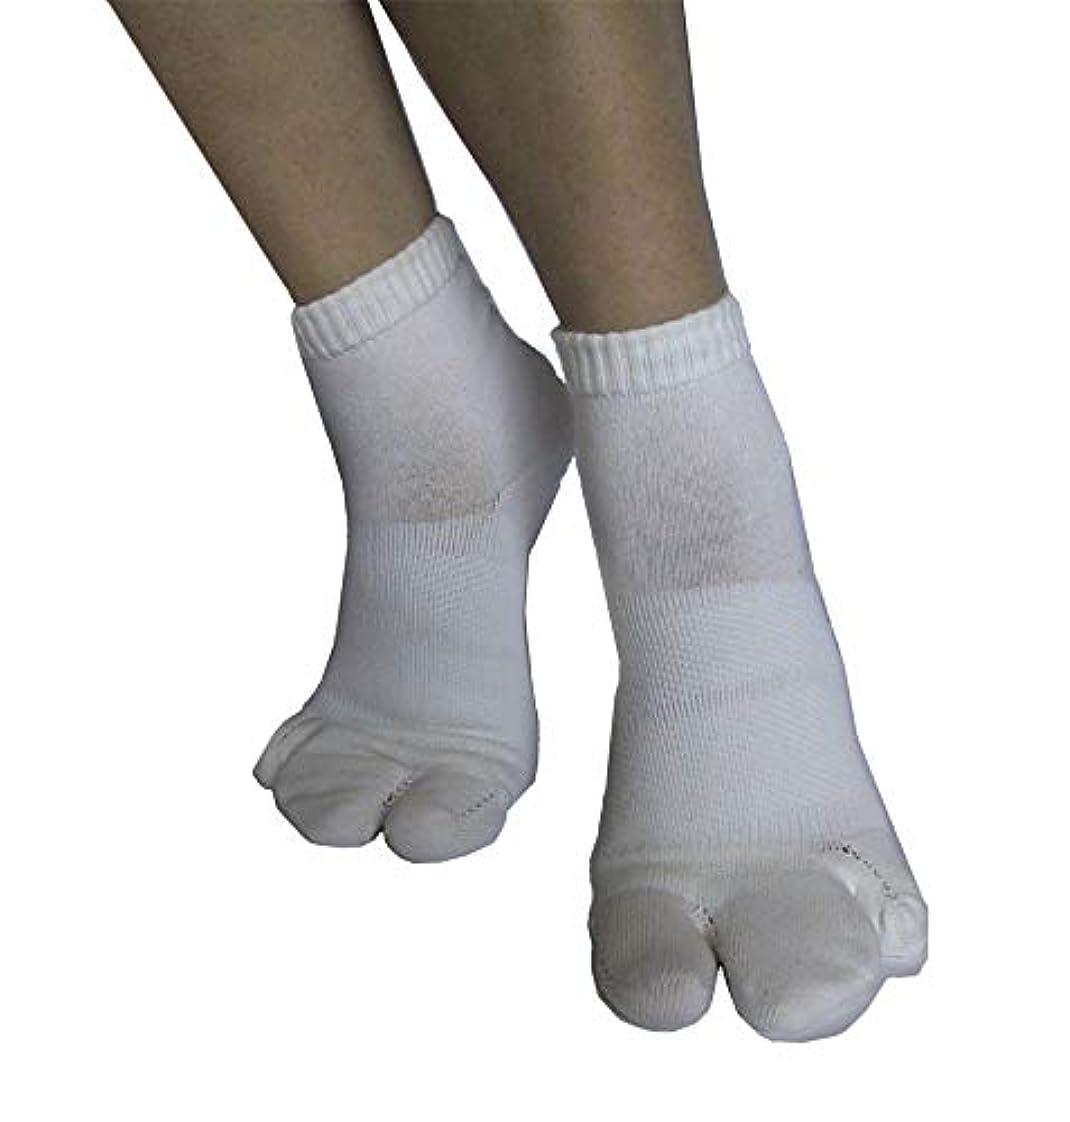 前まぶしさ砂利カサハラ式サポーター ホソックス3本指テーピング靴下 ホワイトS 22-23cm